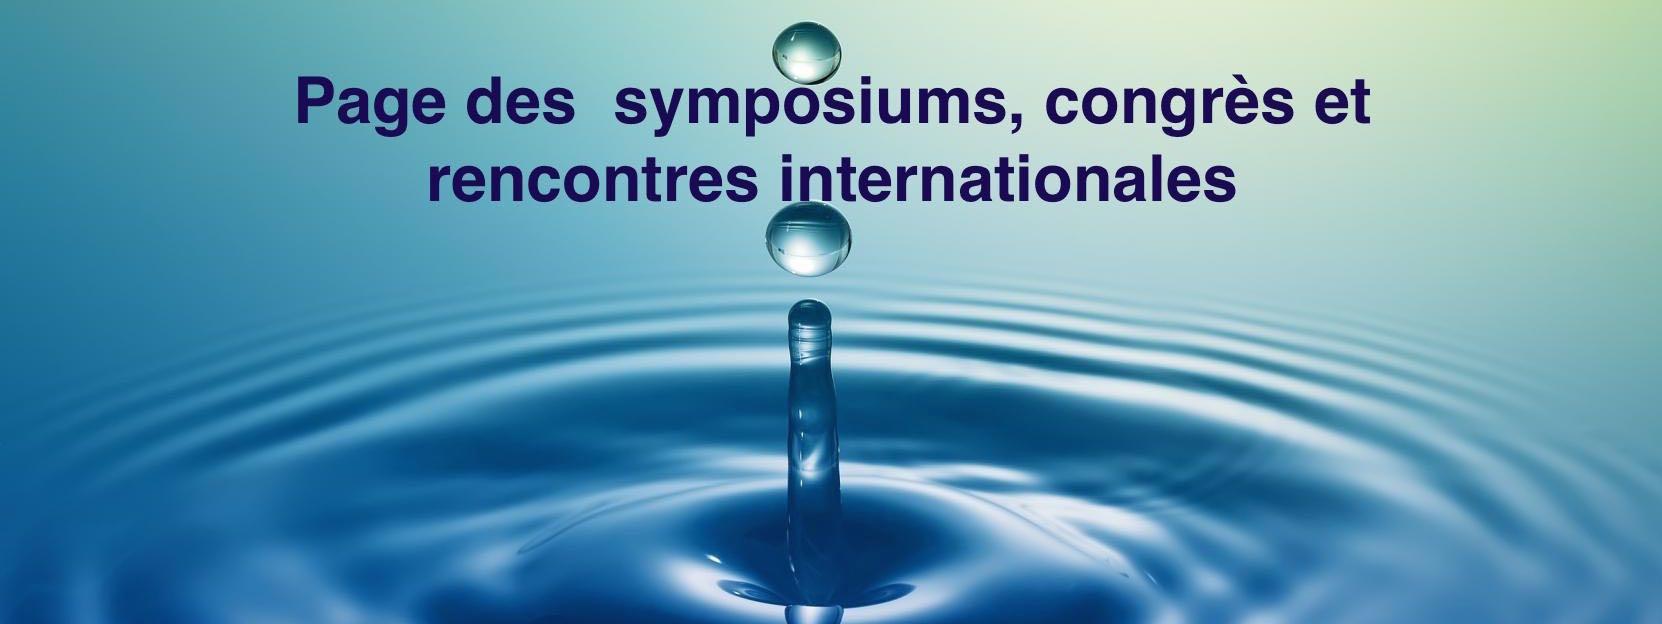 Page des symposiums, congrès et rencontres internationales